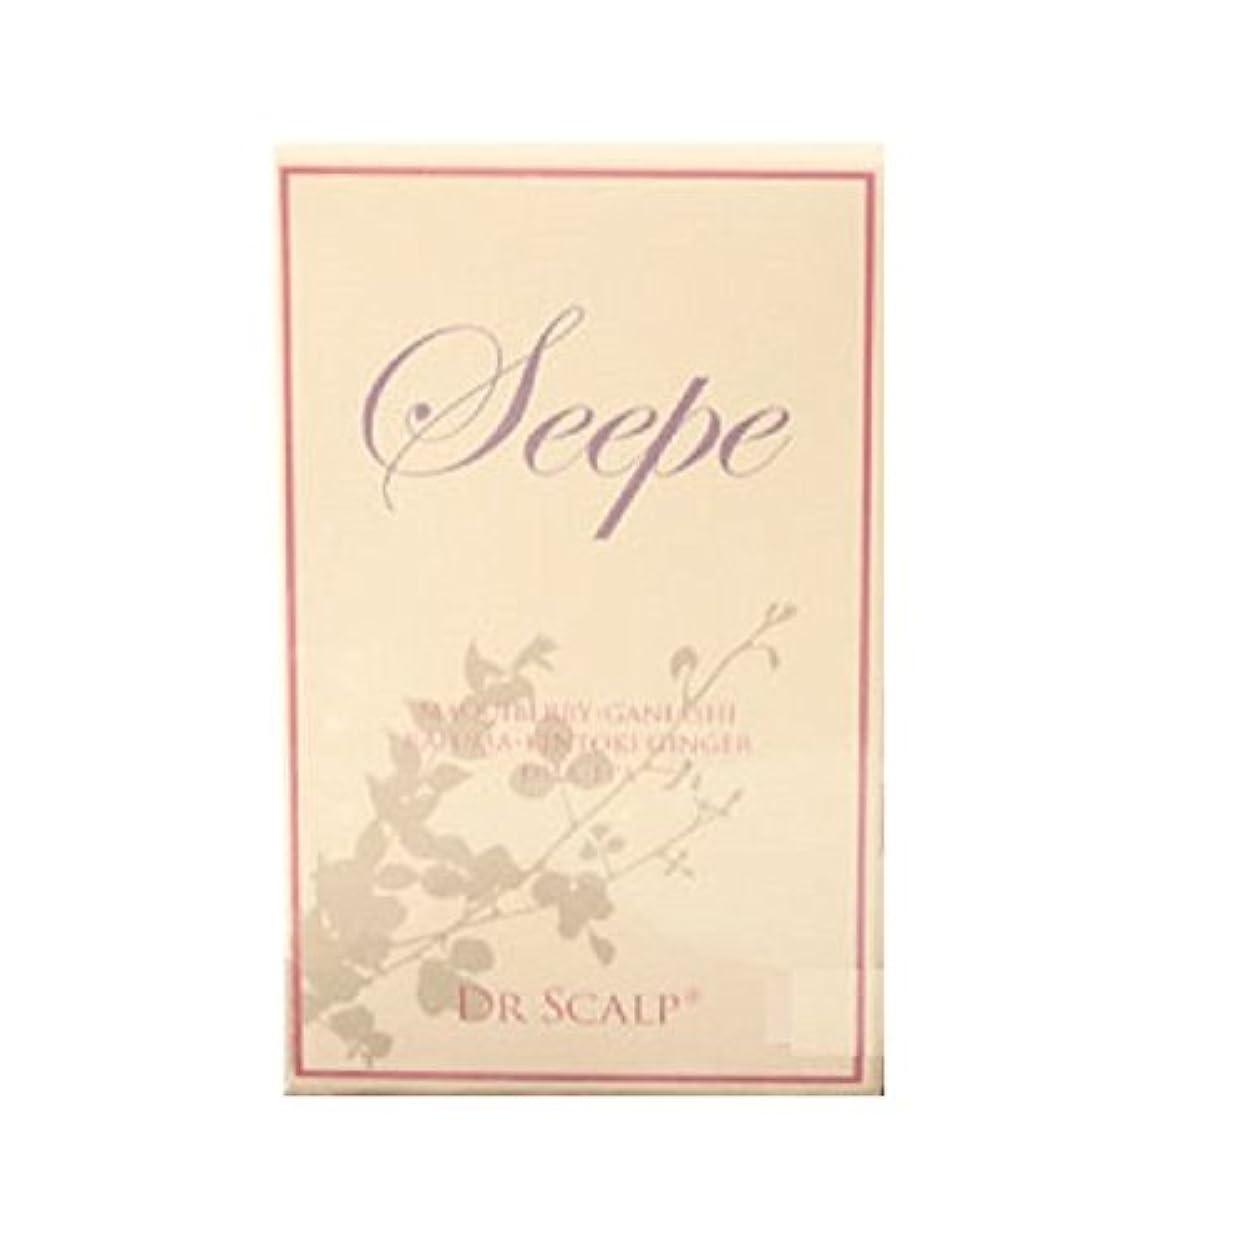 宿題をするミトン主にドクタースカルプ DR.SCALP(ドクタースカルプ)SEEPE(シープ) (サプリメント)※プロジェクトサプリメントのリニューアル商品です《60粒》